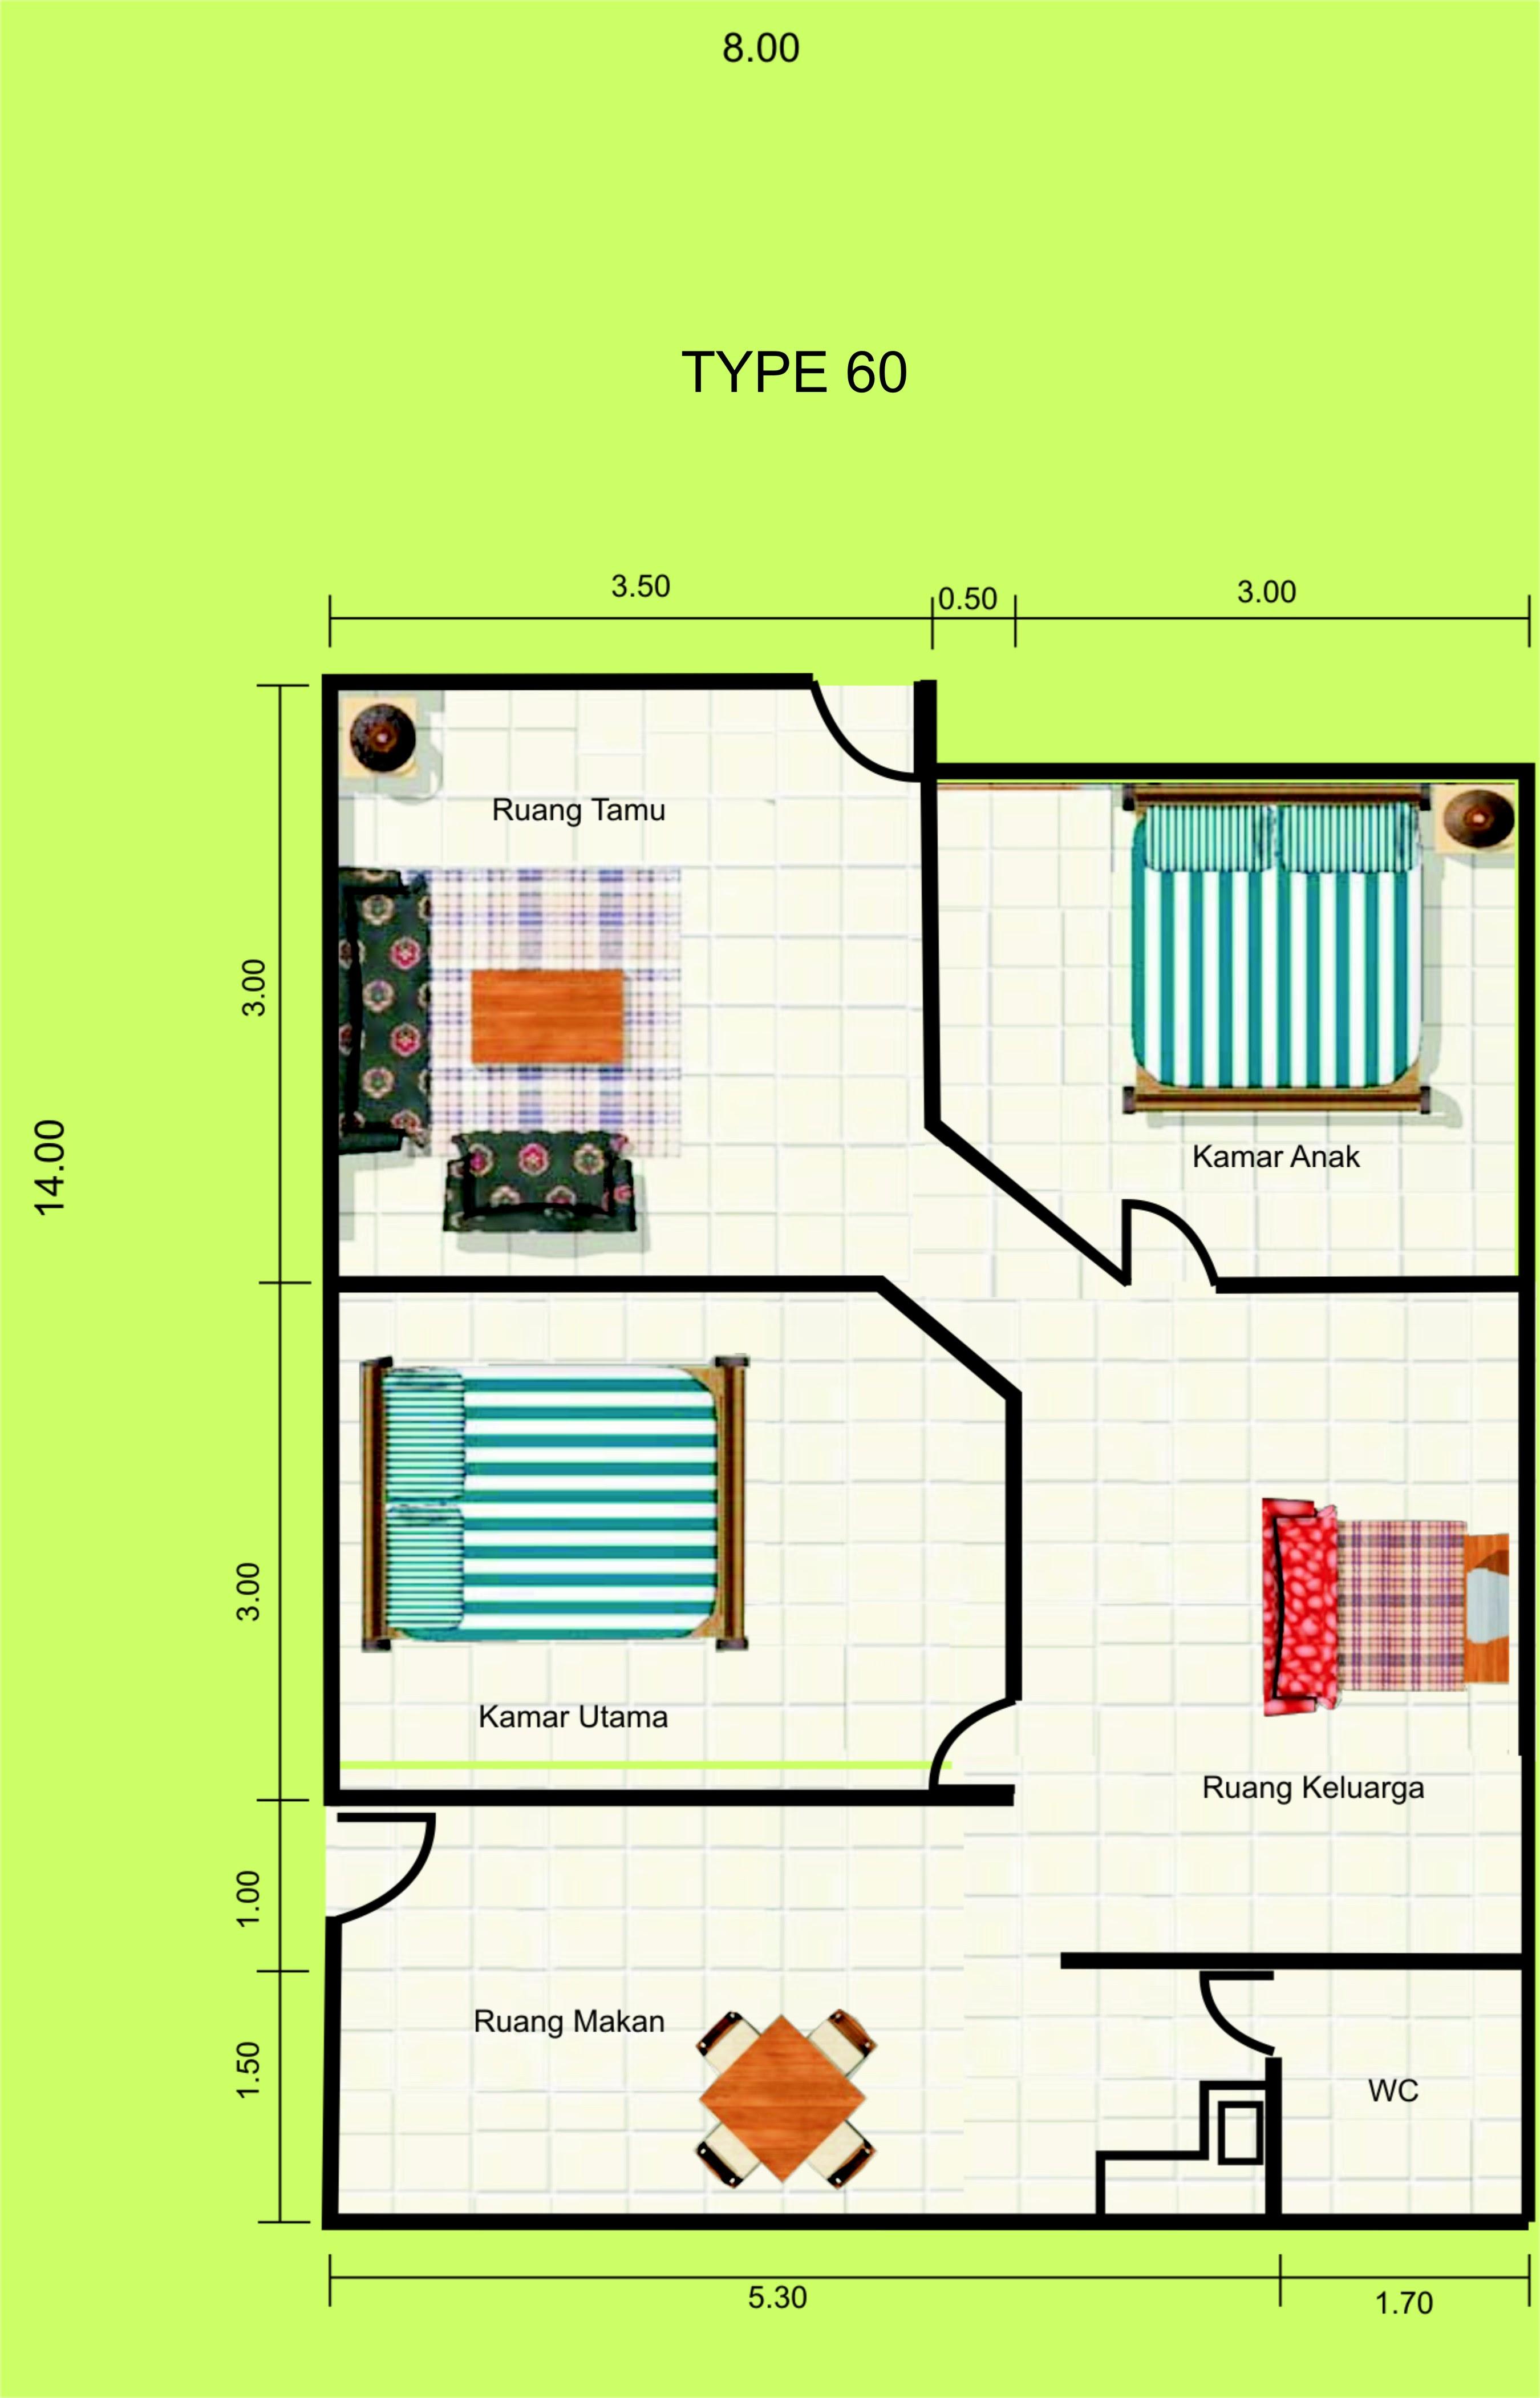 Desain Rumah Minimalis Ukuran 8 X 16 By Desain Rumah Minimalis